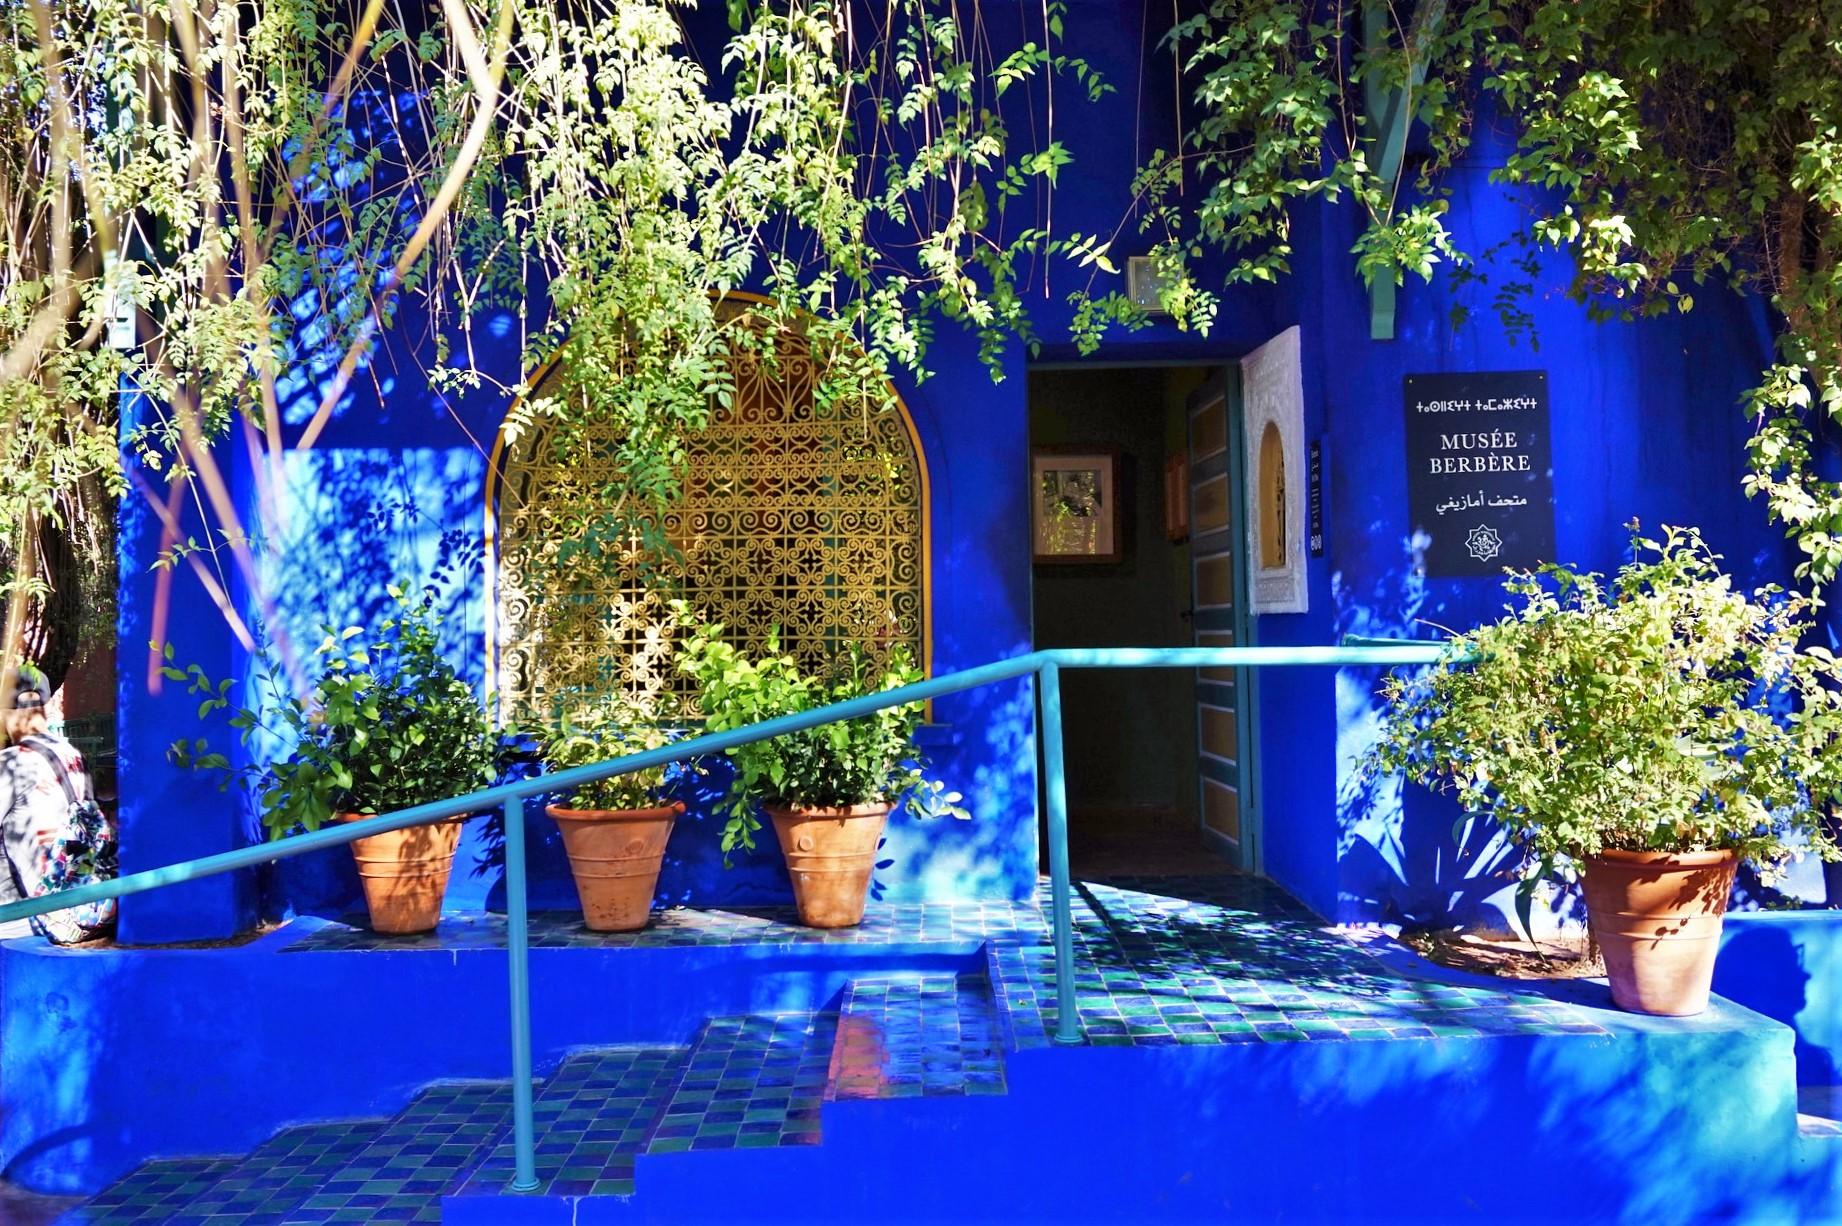 Museo Berbero